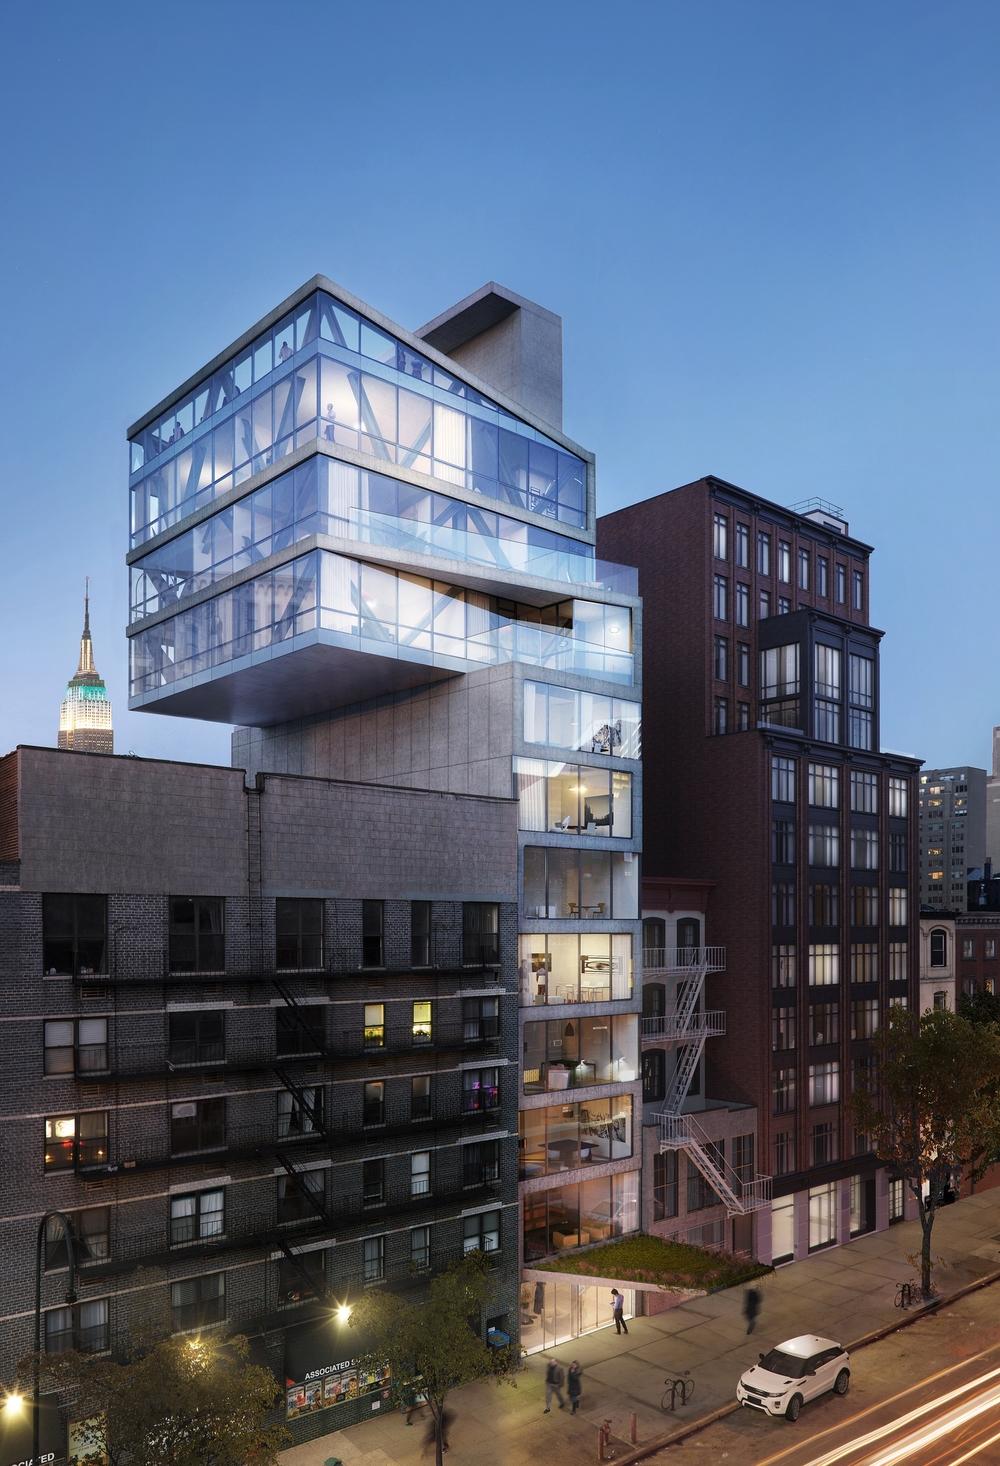 251 West 14 Street, New York, NY